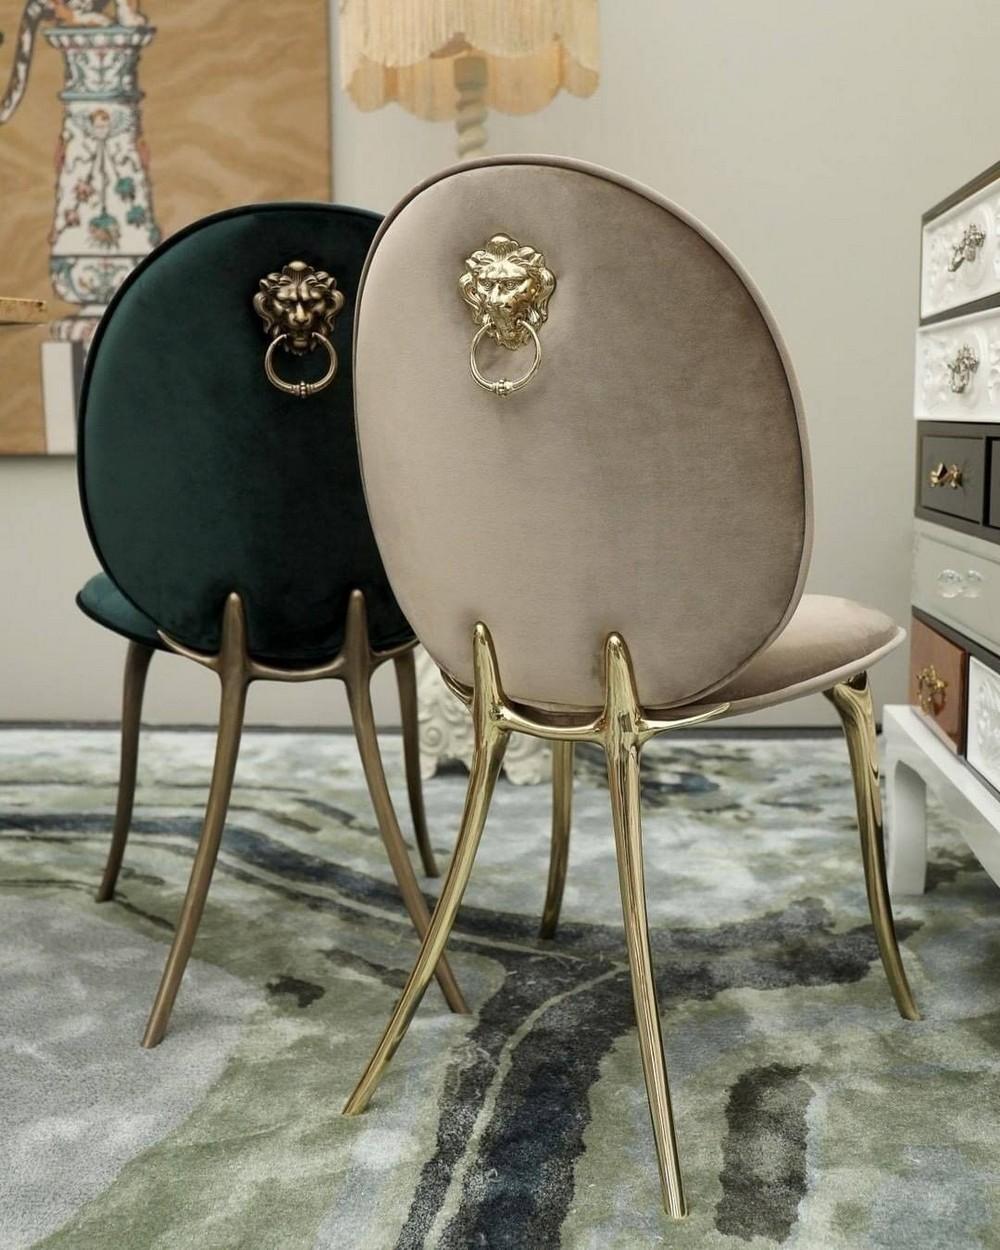 Comedores lujuosos: Inspiraciónes perfectas para un Diseño de interior moderno comedores lujuosos Comedores lujuosos: Inspiraciónes perfectas para un Diseño de interior moderno 2